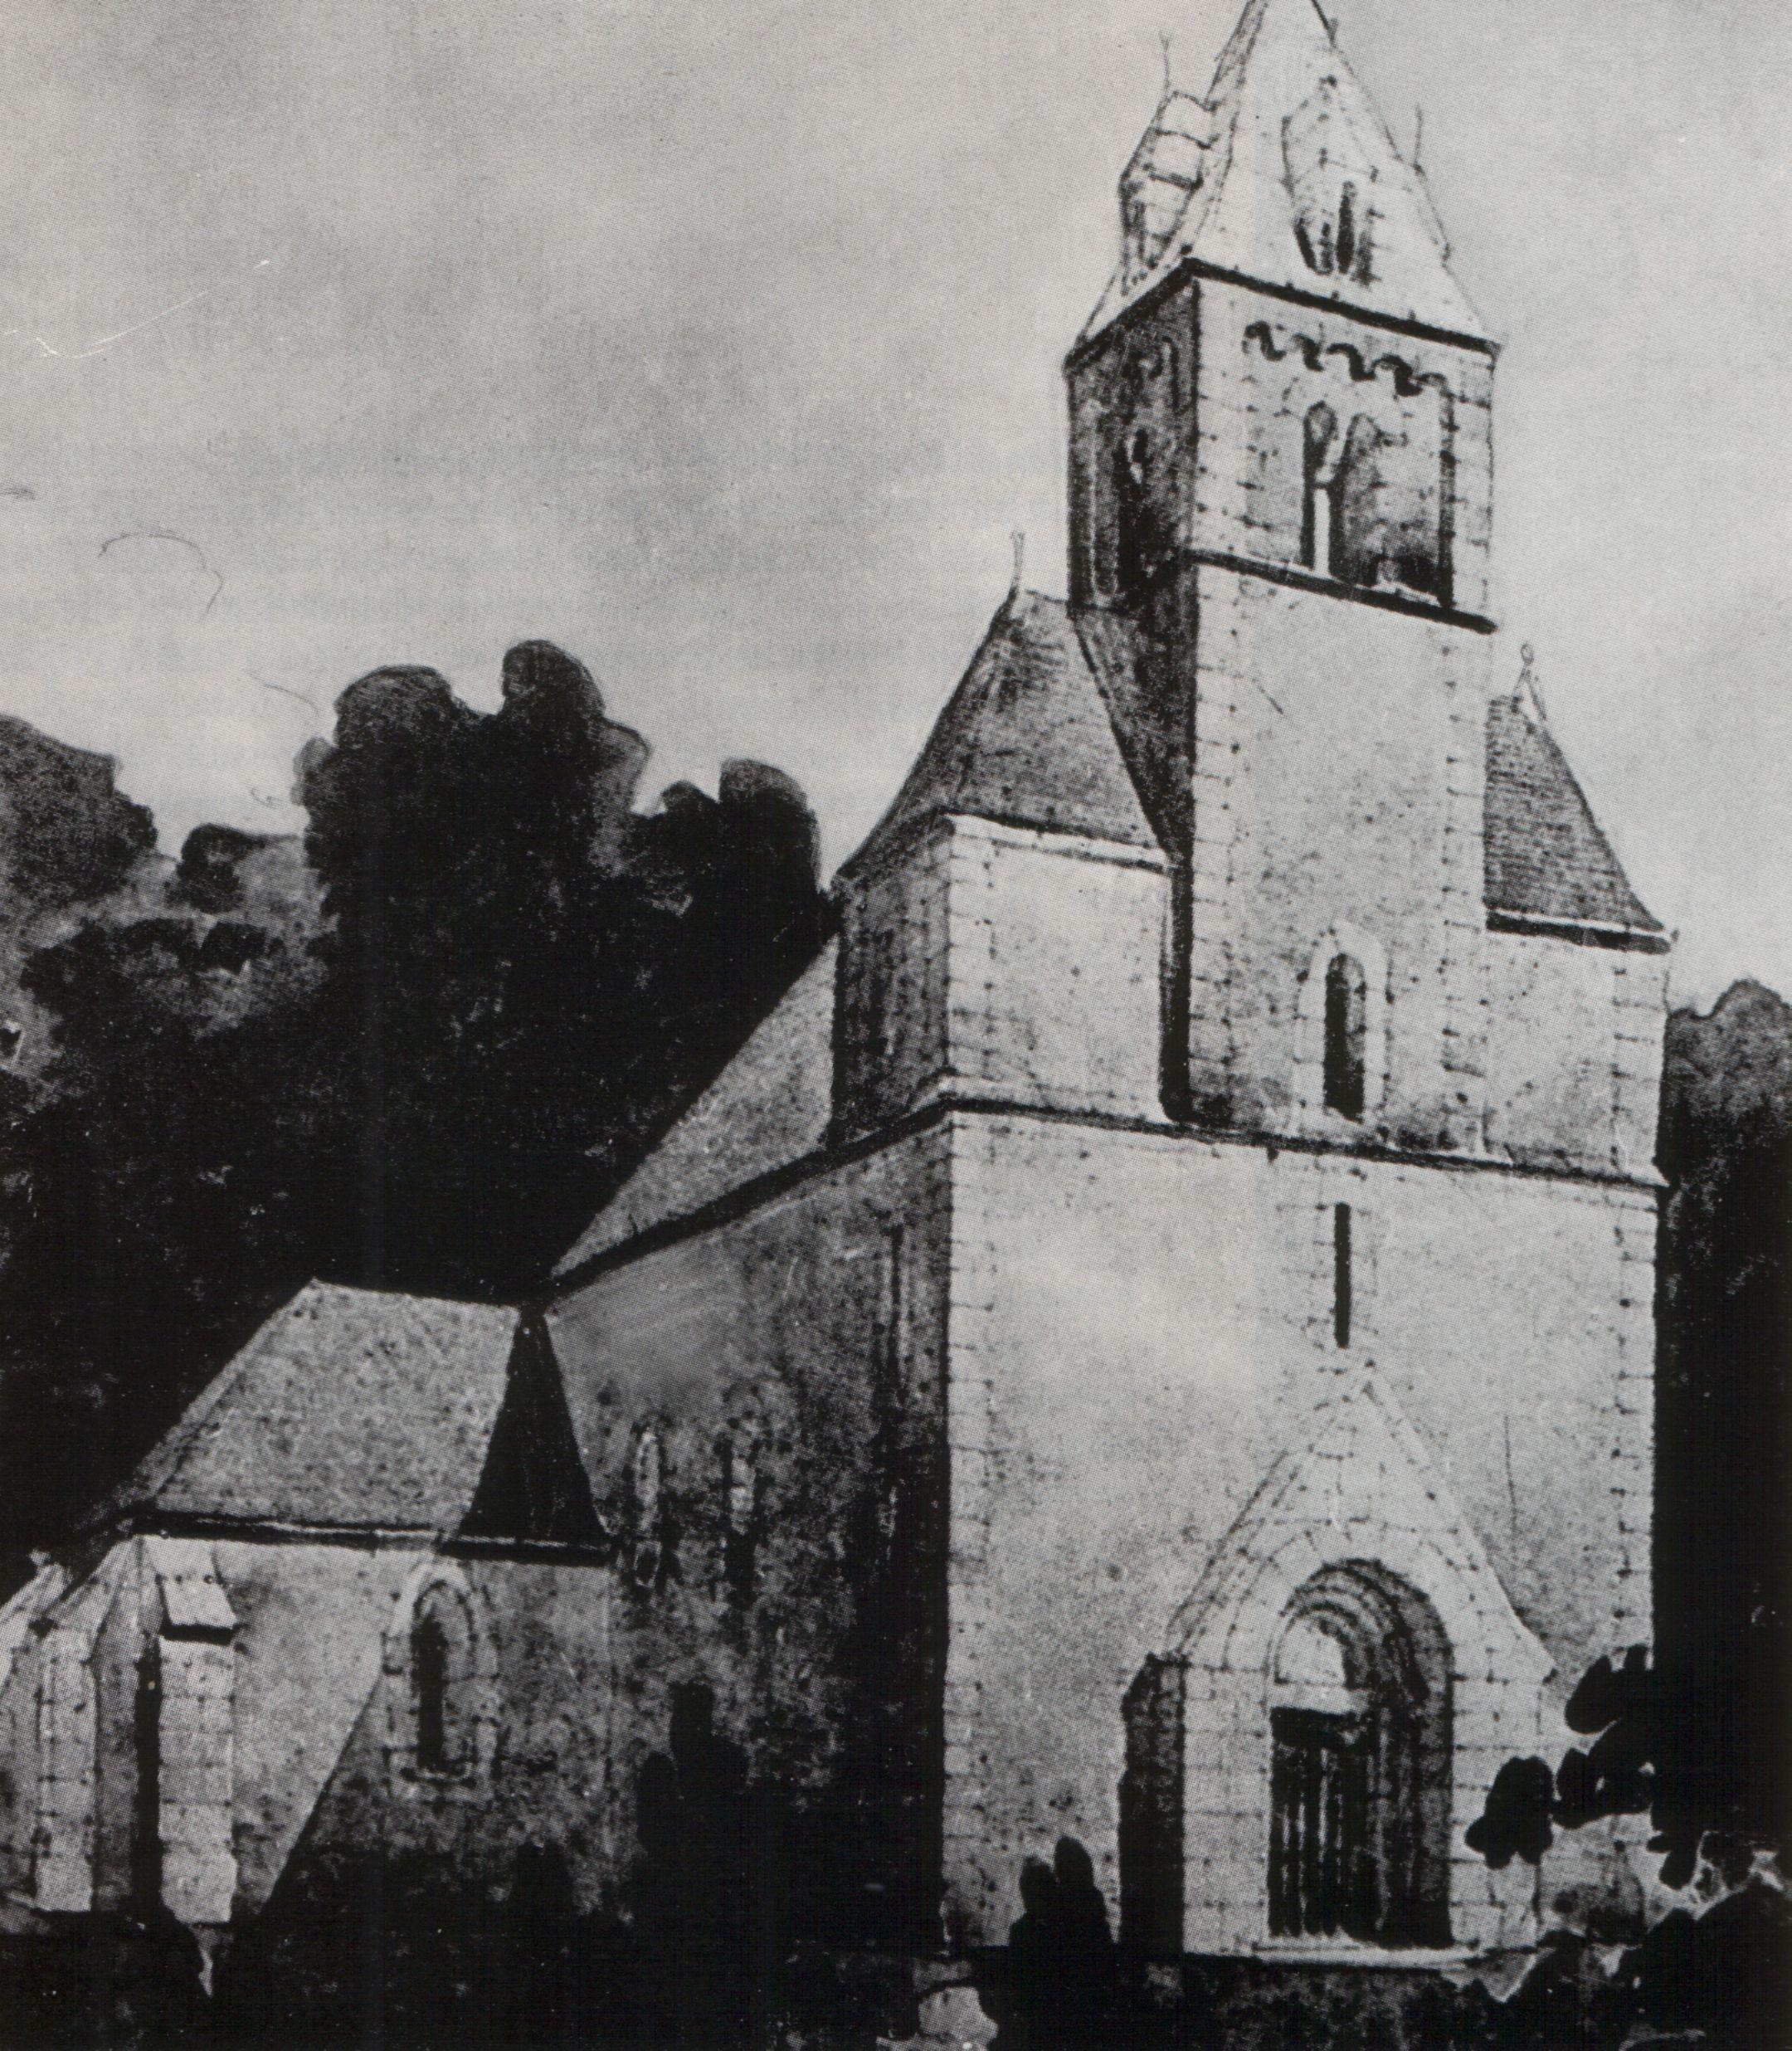 A templom rekonstrukcióját Lux Kálmán építőművész tervezte meg.